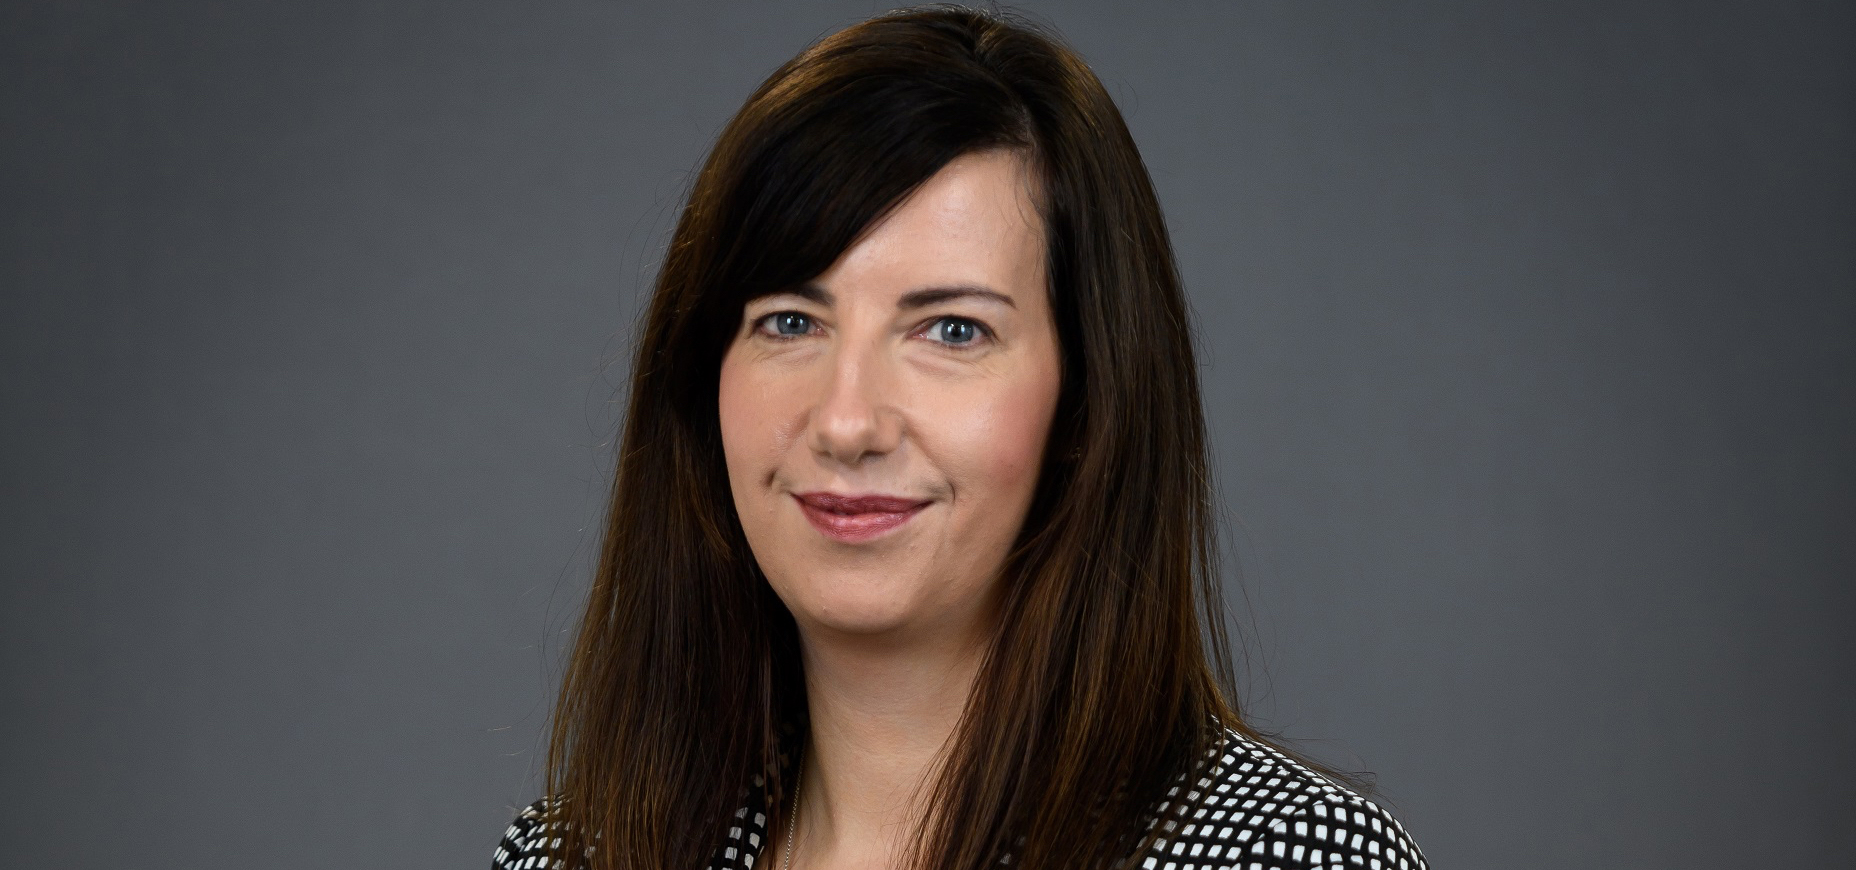 Amanda Gibbons